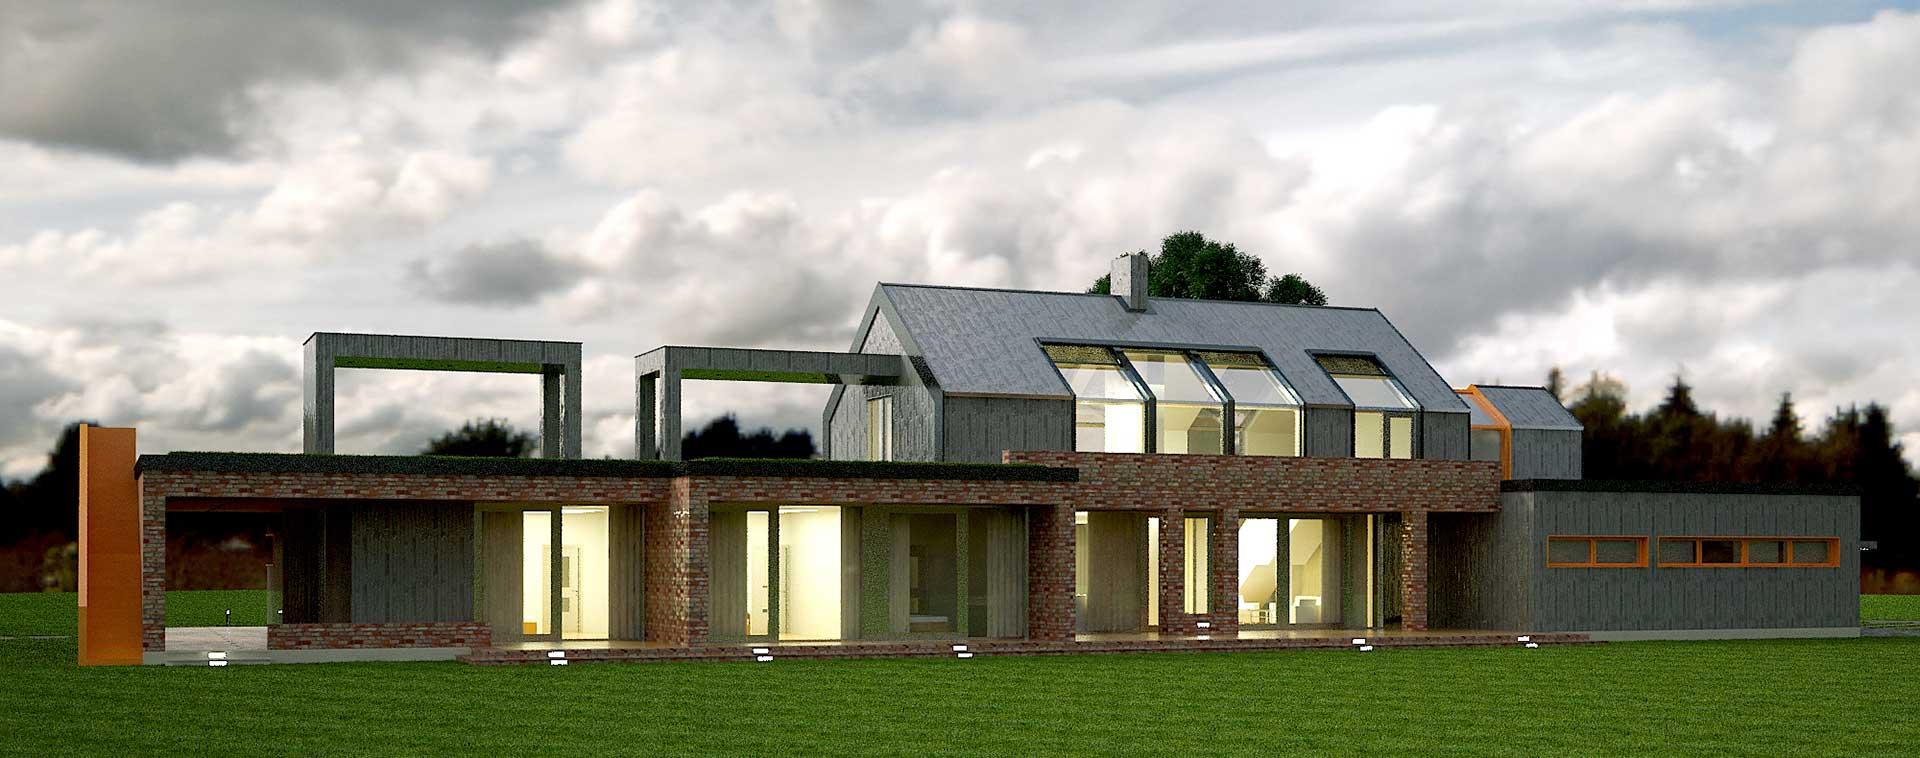 Проектное предложение индивидуального жилого дома (фото 3)